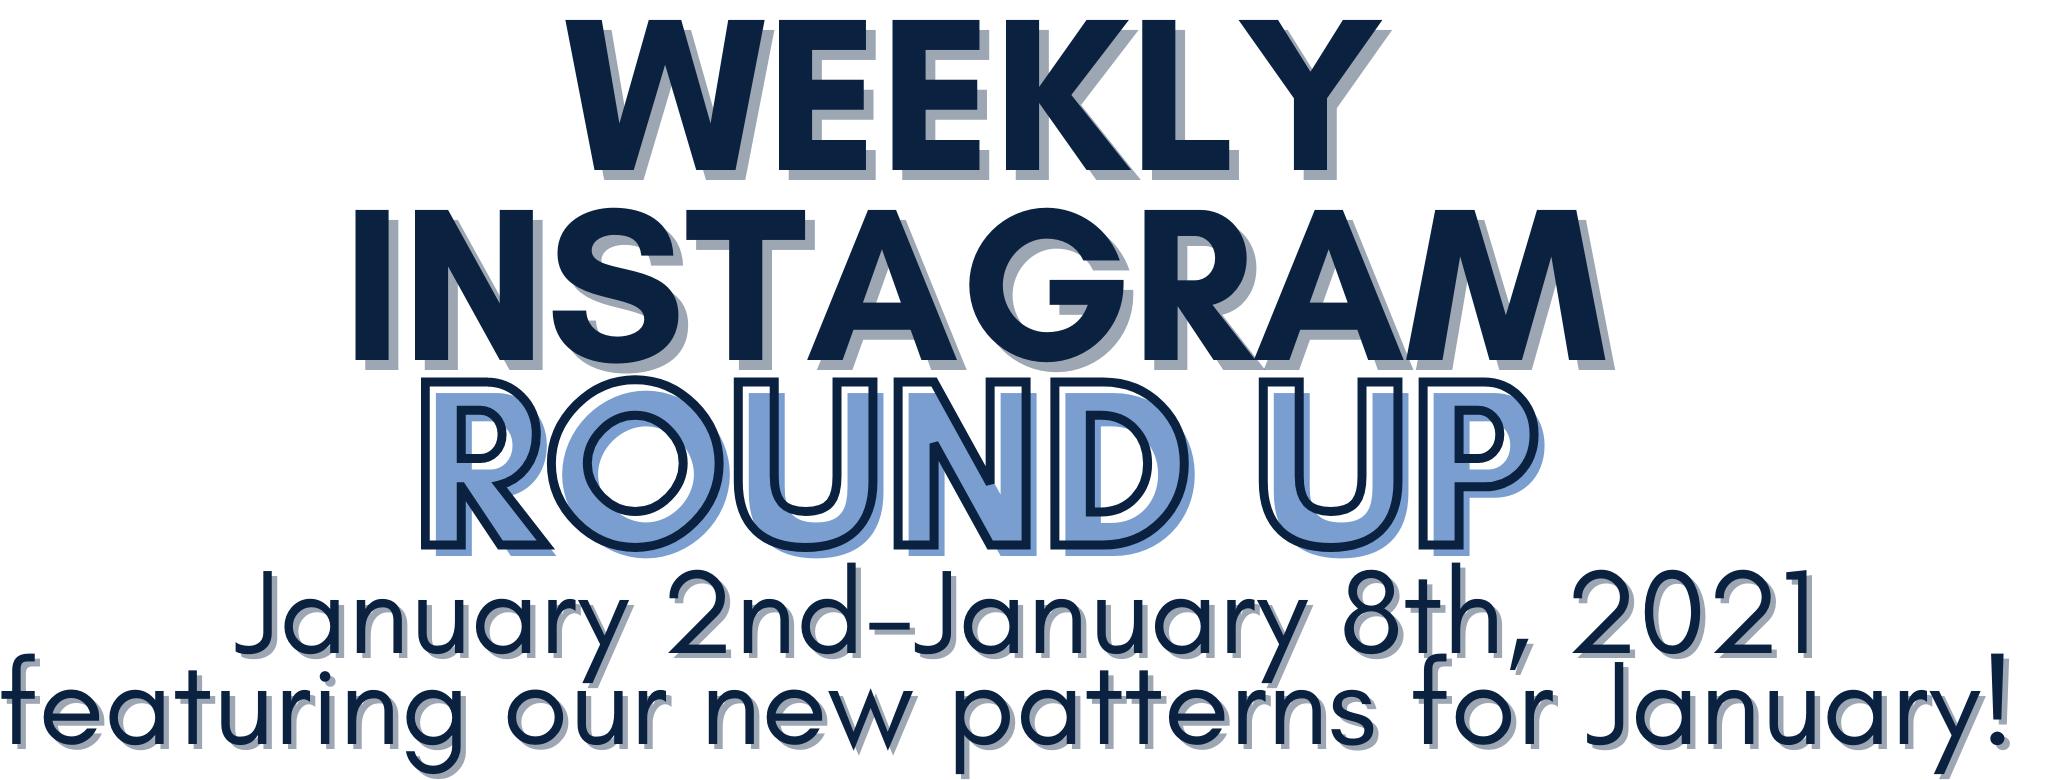 Instagram Round up 1/2/21-1/8/21